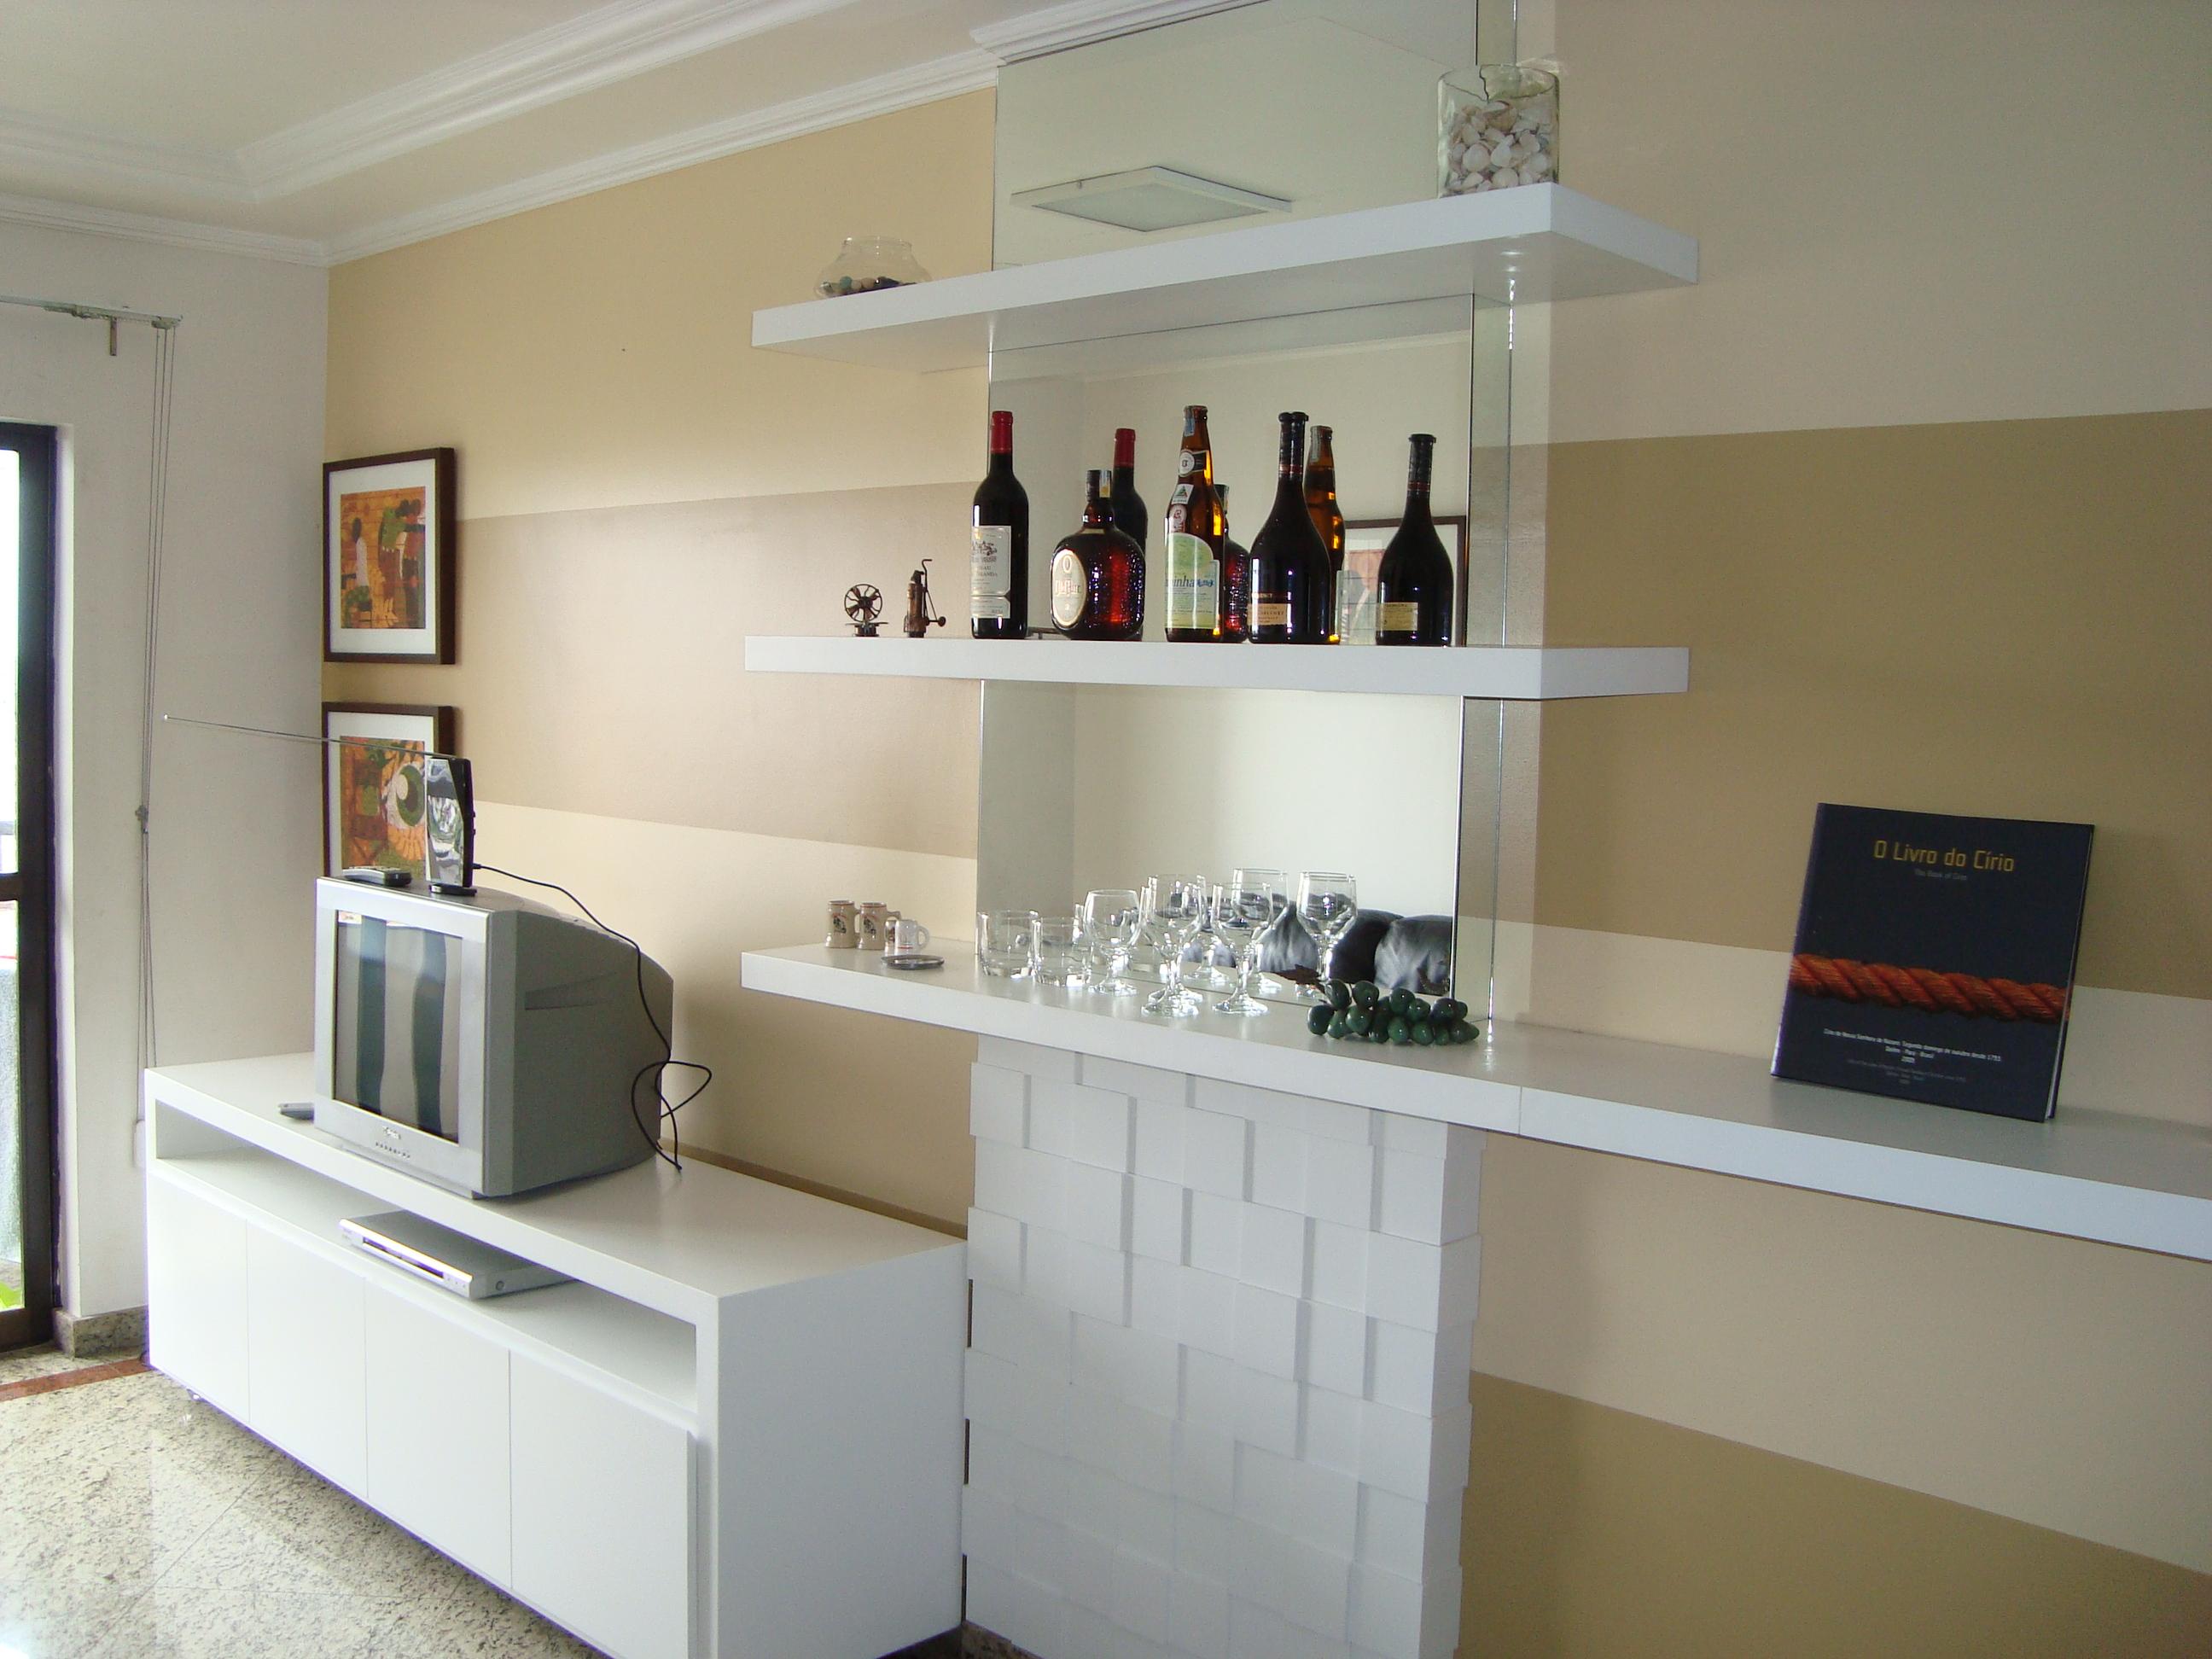 #614733  painel de mosaico e tem a função de bar através das prateleiras 2592x1944 píxeis em Balcão De Bar Para Sala De Estar